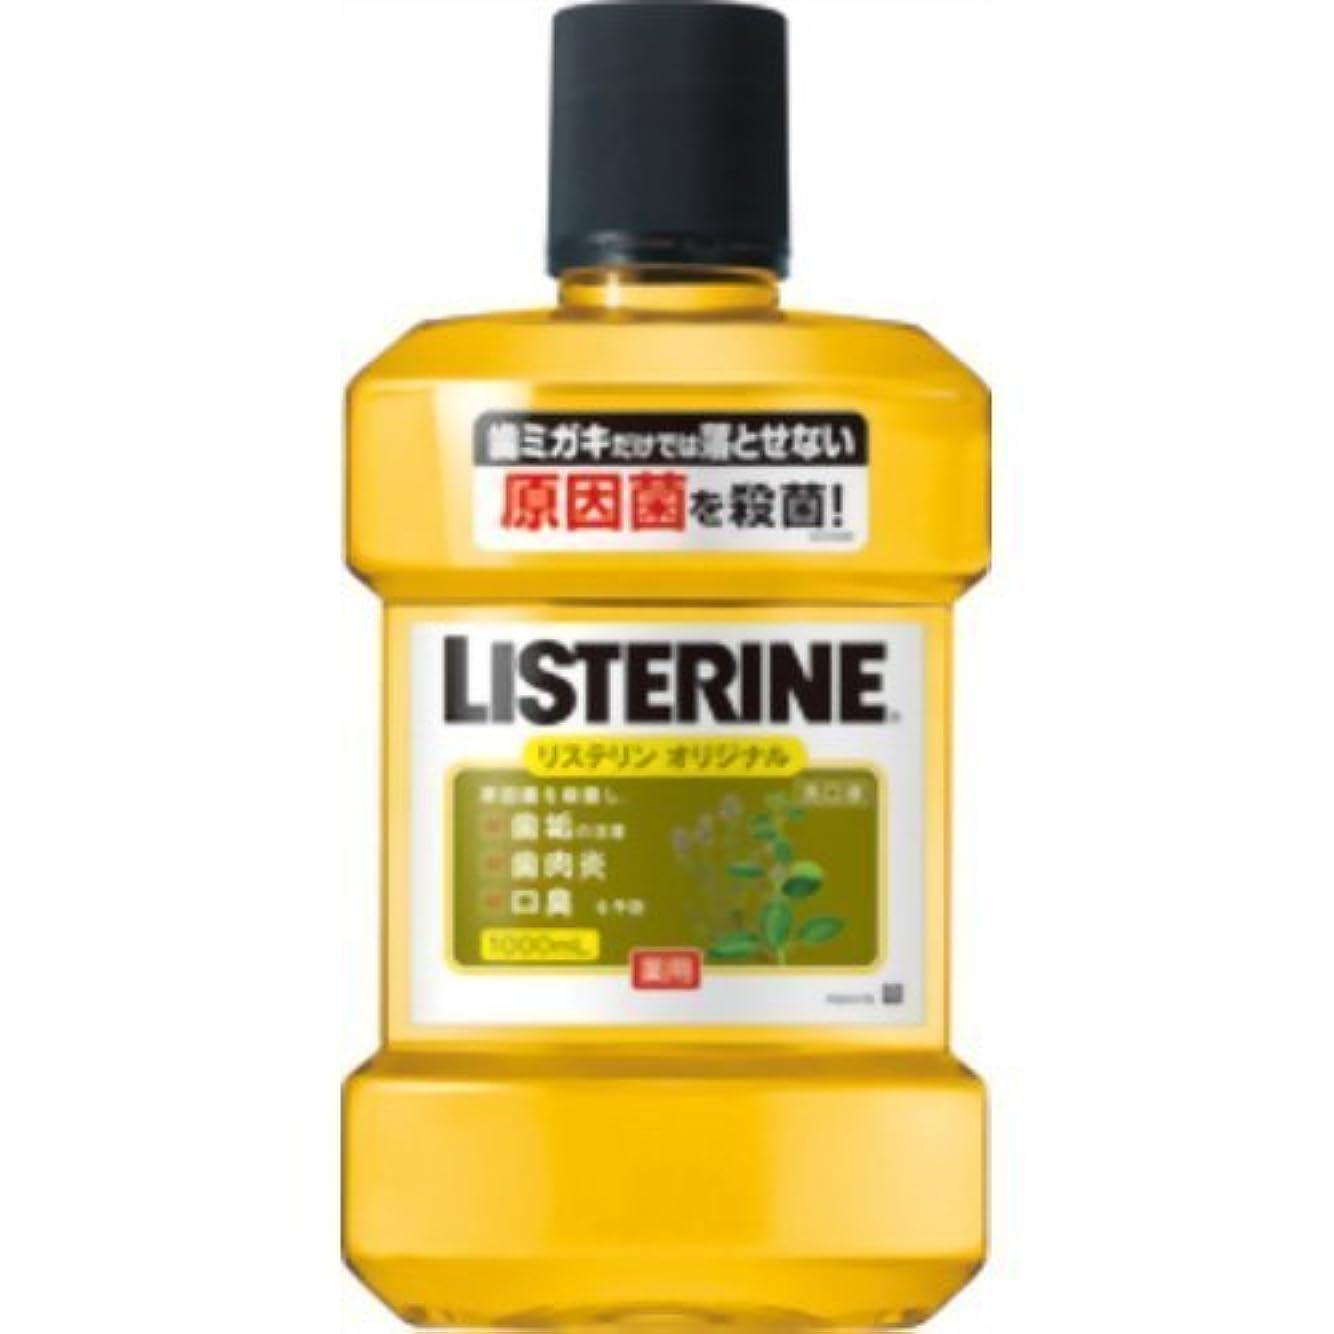 抵当ペイン体細胞薬用リステリン オリジナル 1000ml ×3個セット